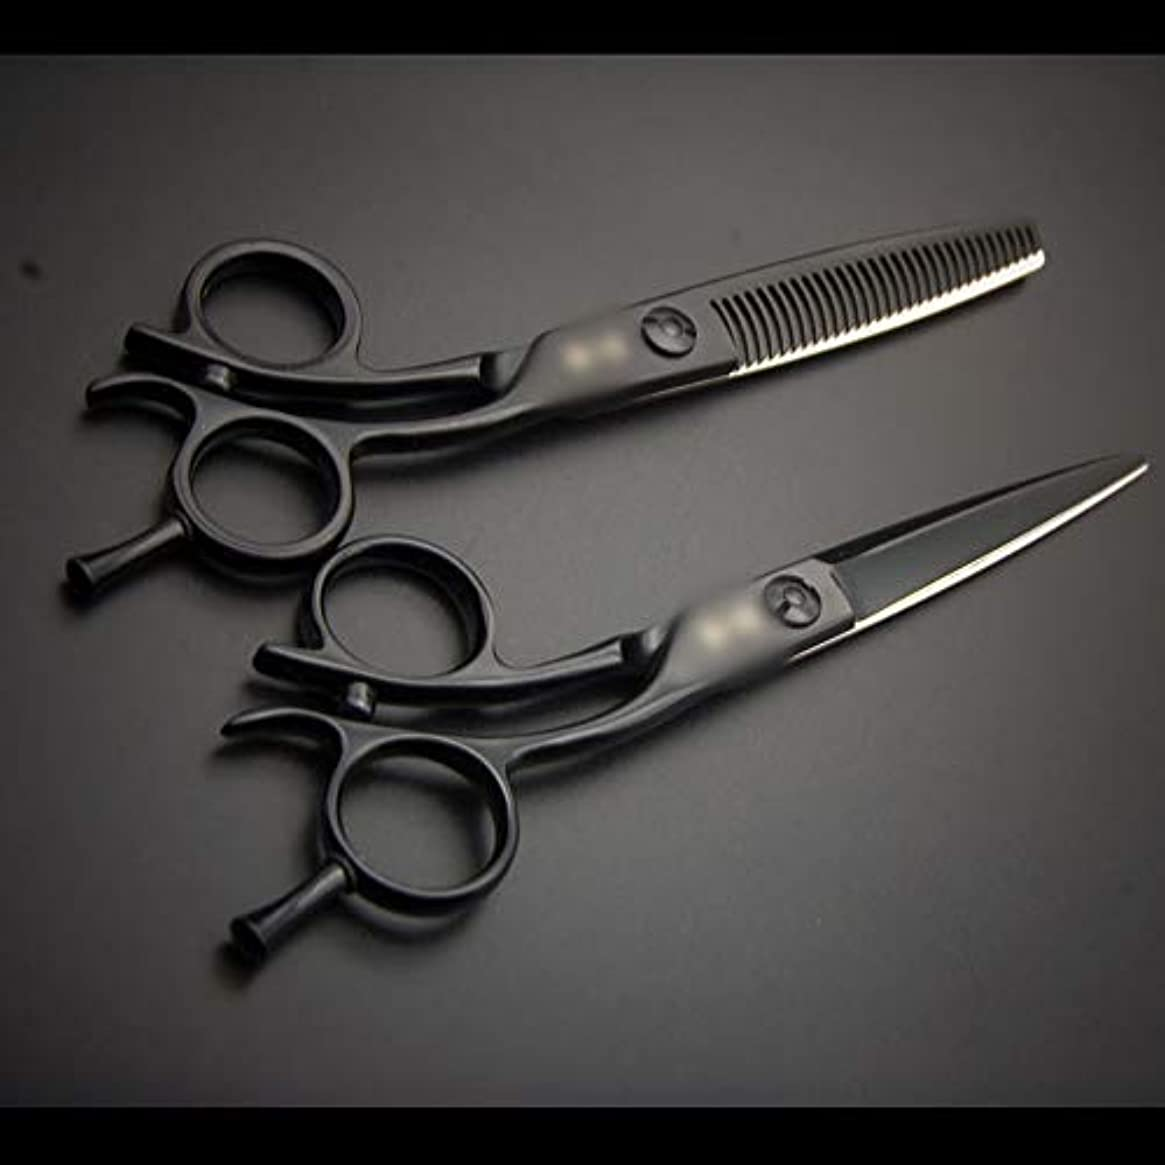 生産性レーザモジュール6インチ美容院プロフェッショナル理髪セット、歯のせん断+フラットせん断セット モデリングツール (色 : 黒)